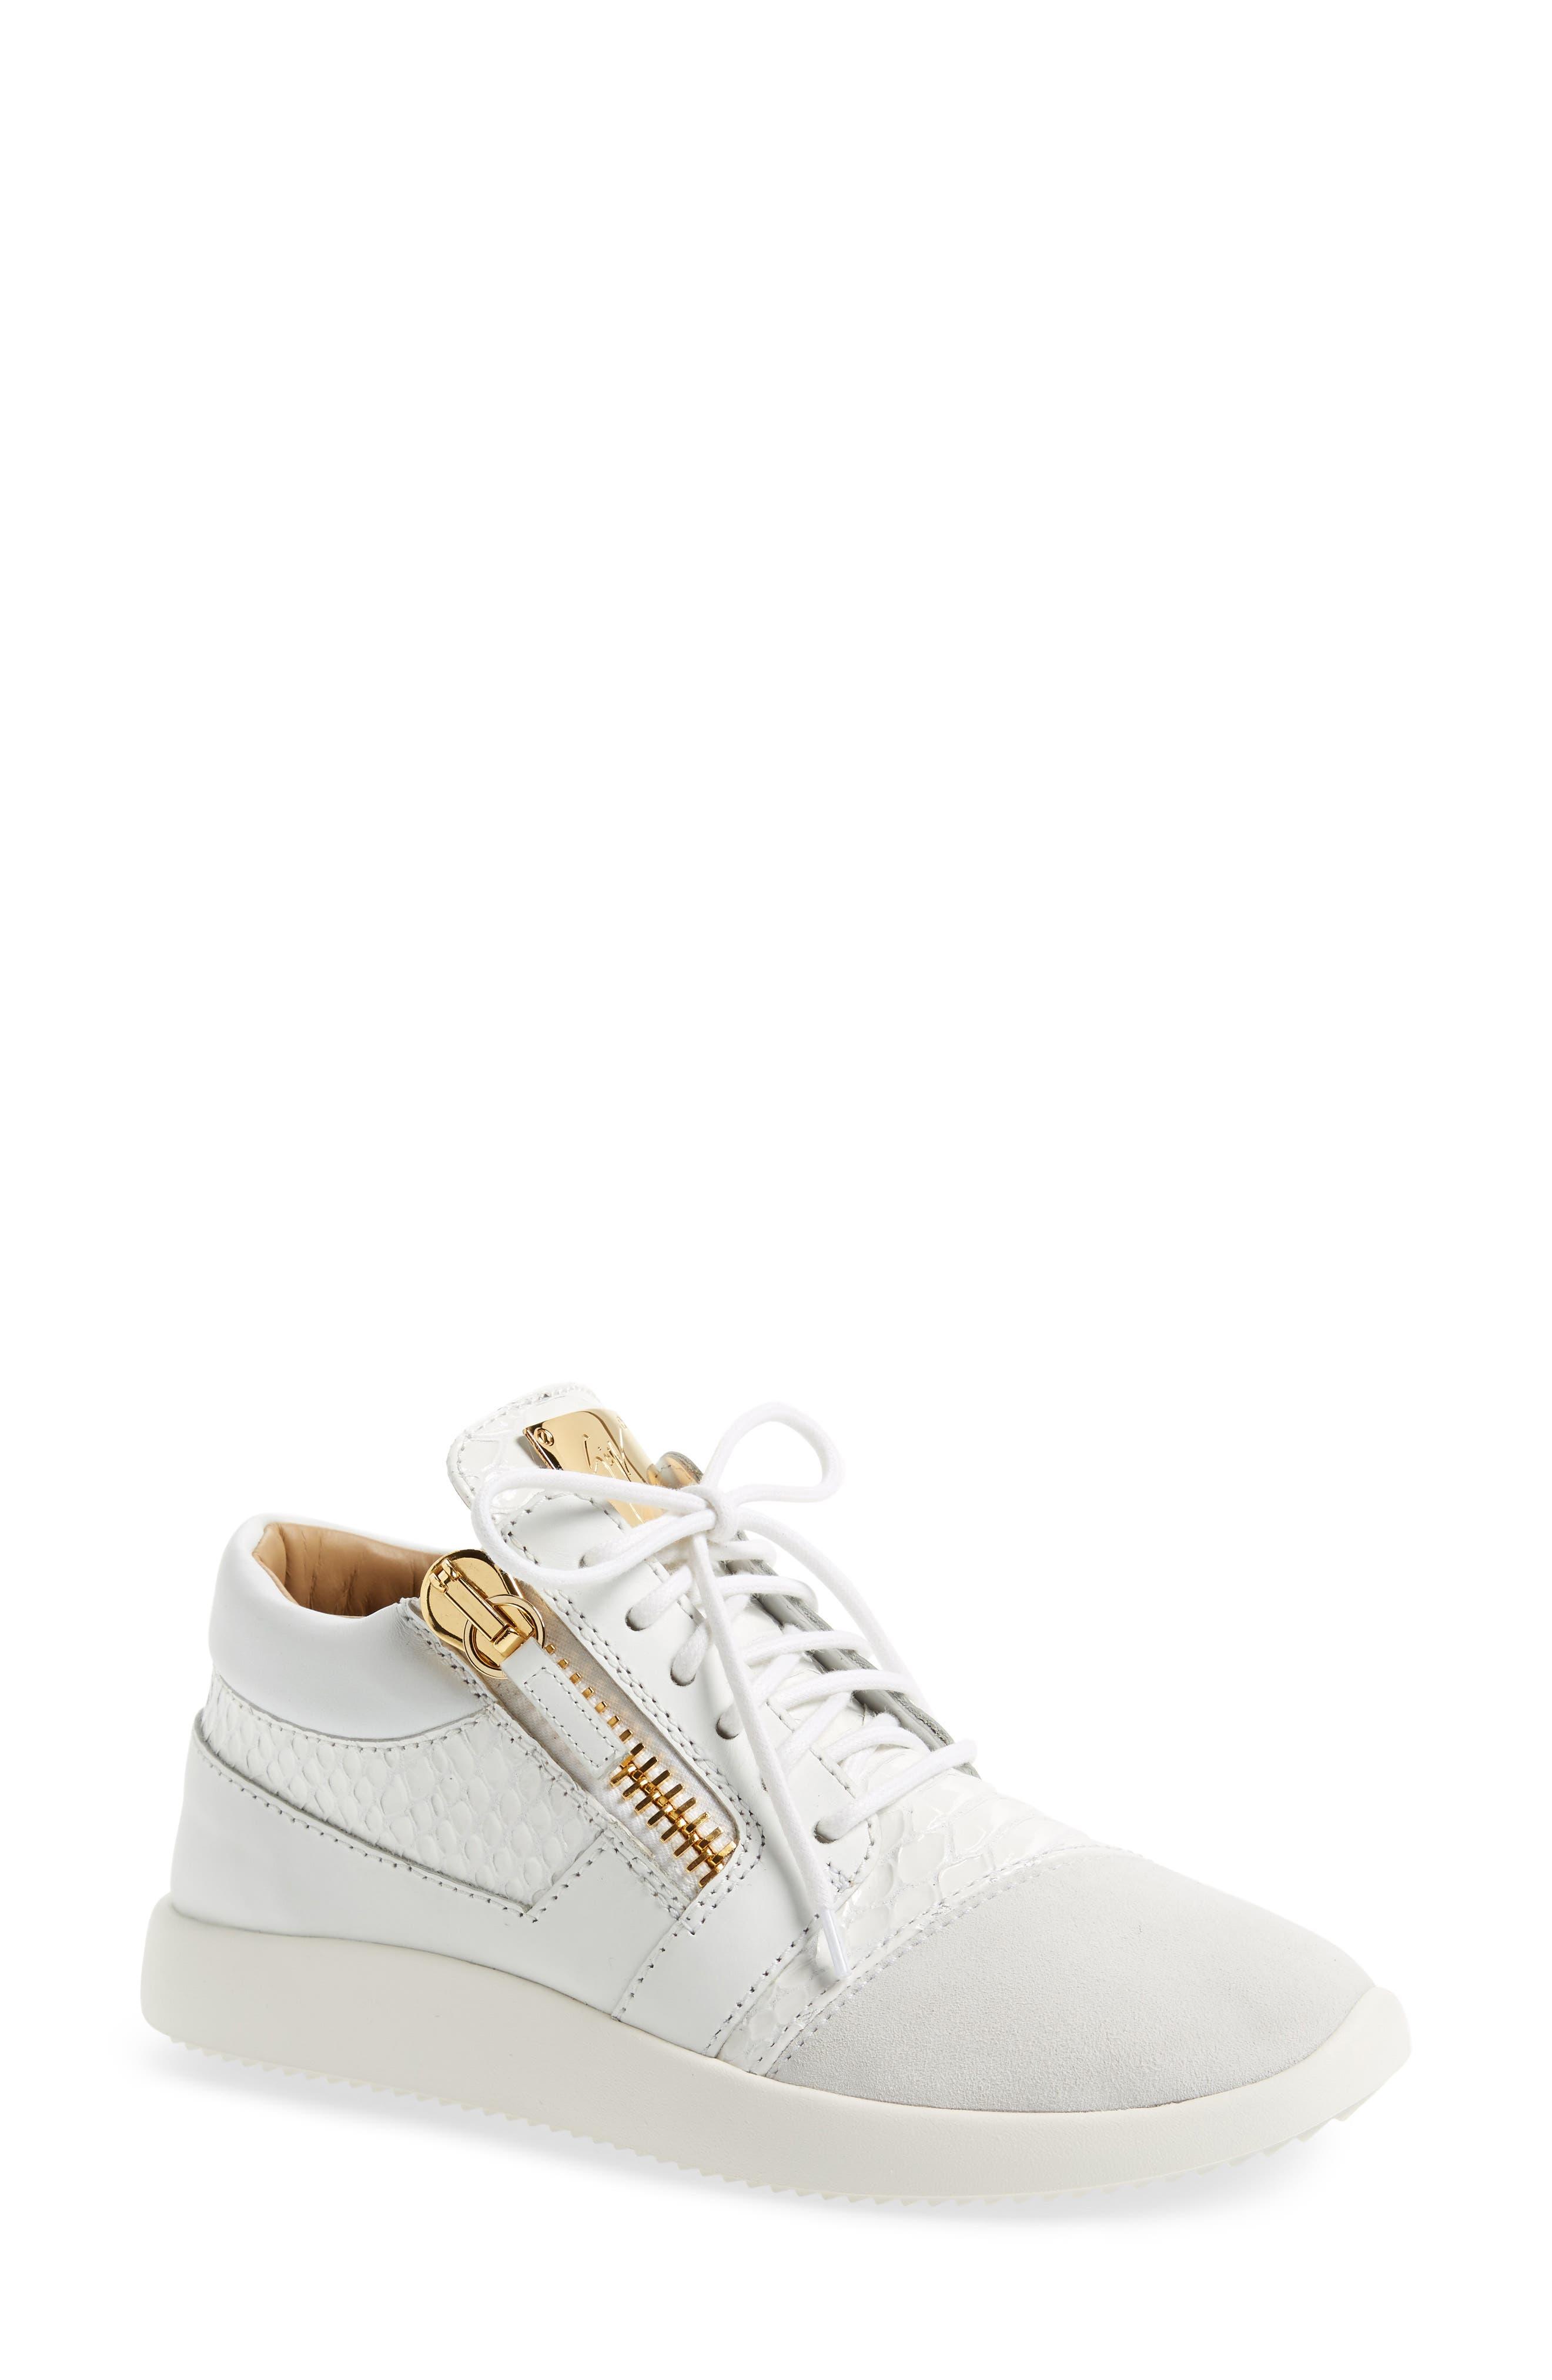 Main Image - Giuseppe Zanotti Low Top Sneaker (Women)